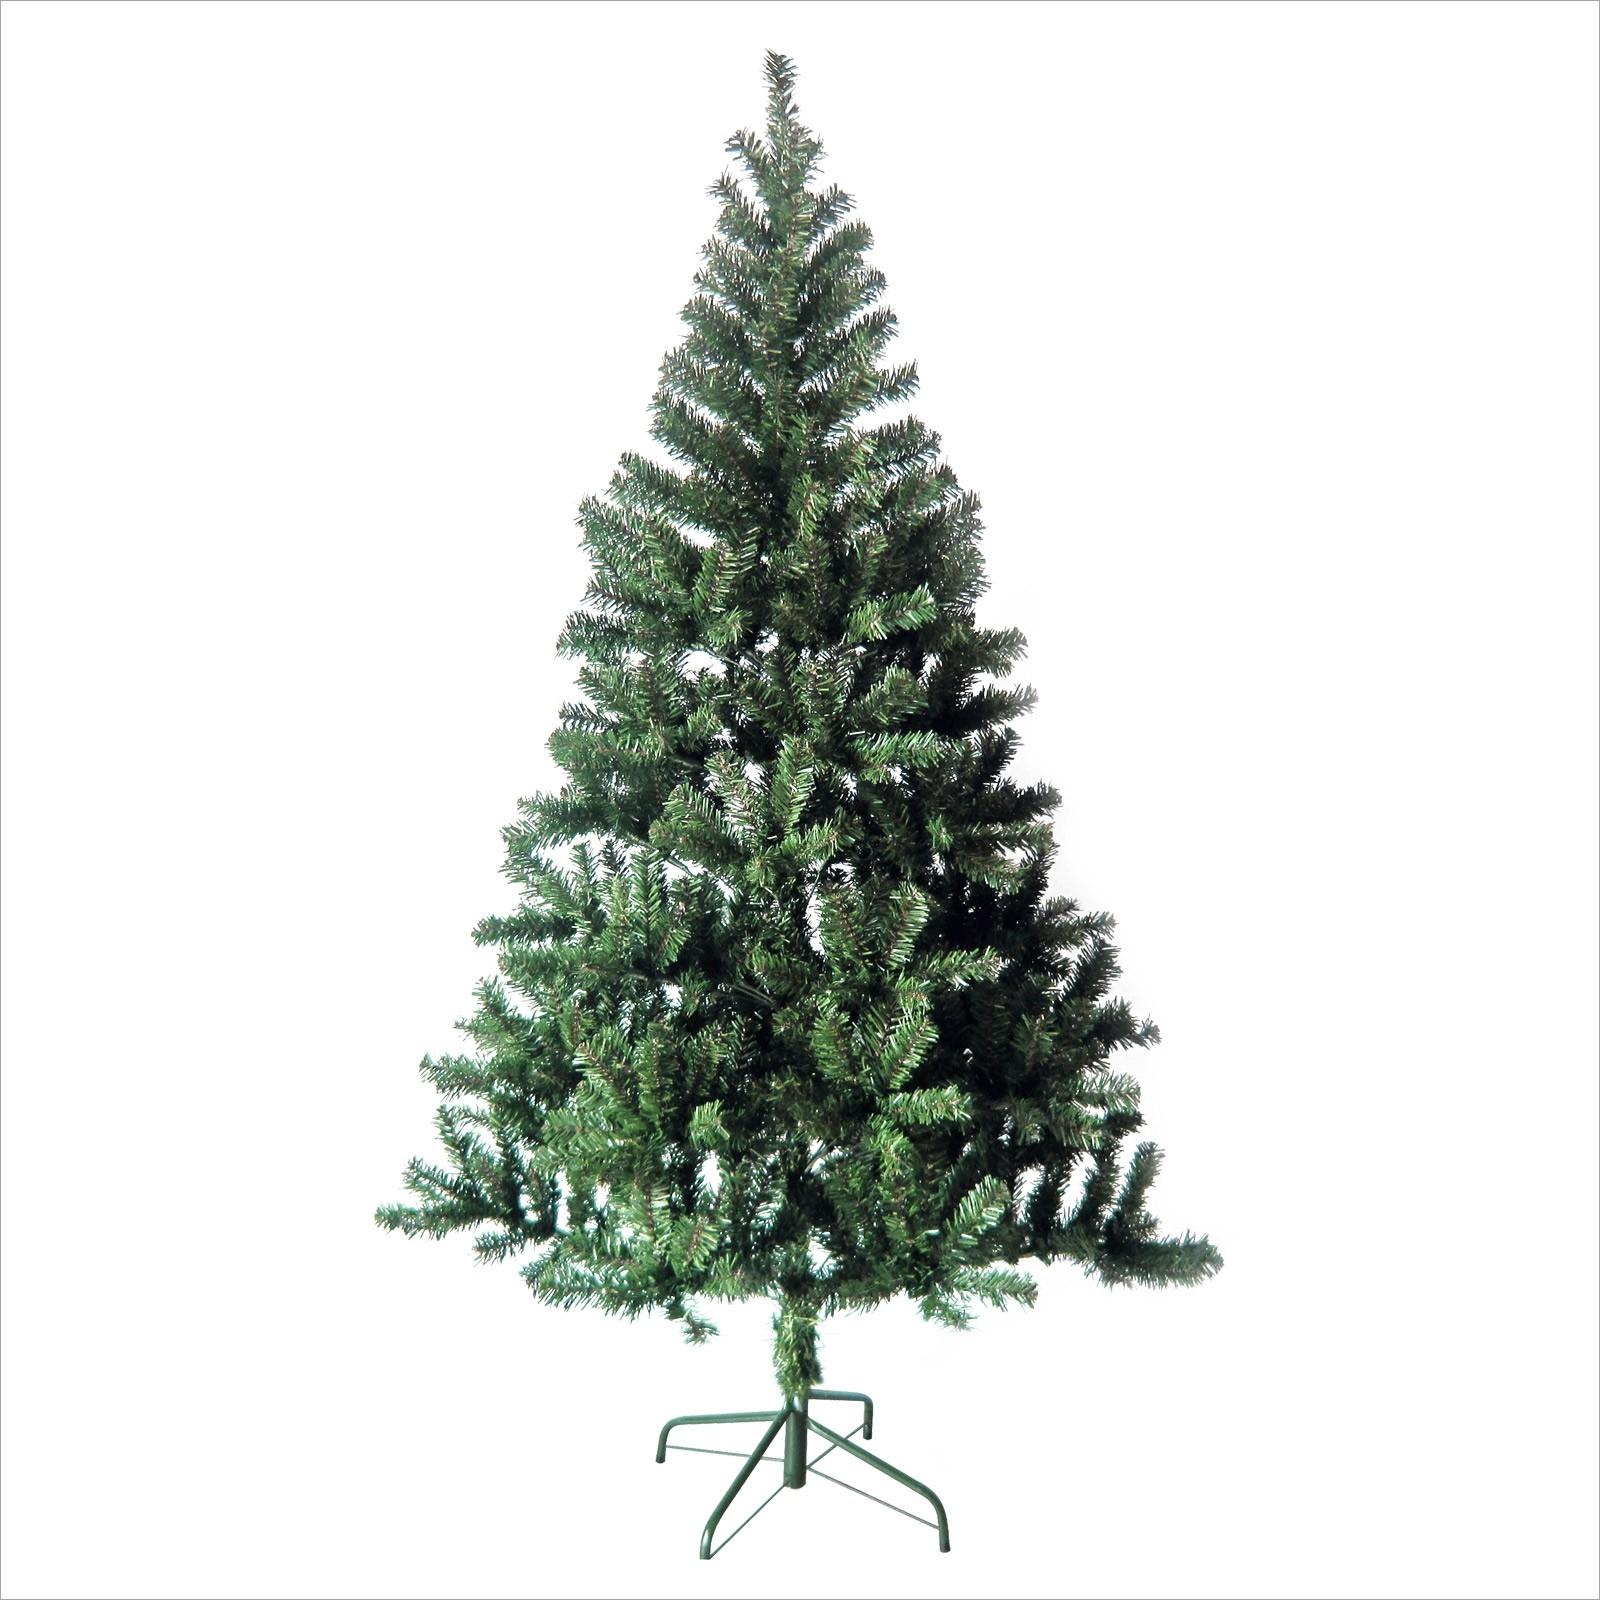 Tannenbaum Netzgerät.Kunstbaum Weihnachtsbaum Christbaum Exclusiv 210cm M Ständer